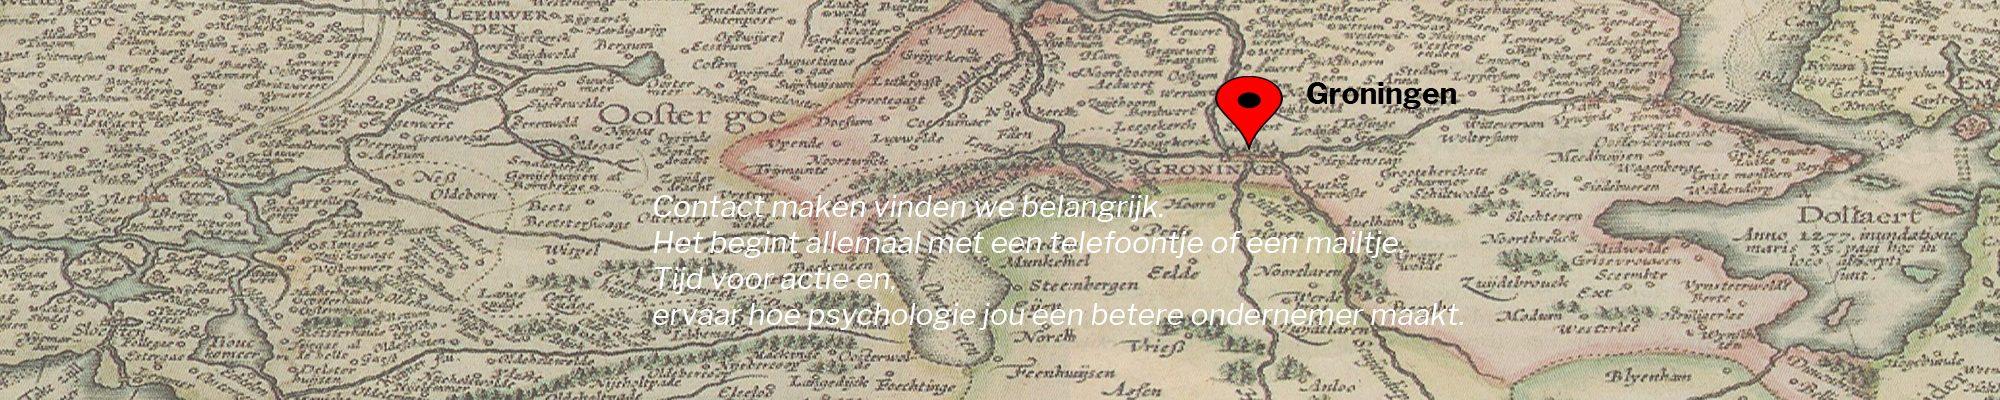 contact met goede psycholoog Groningen